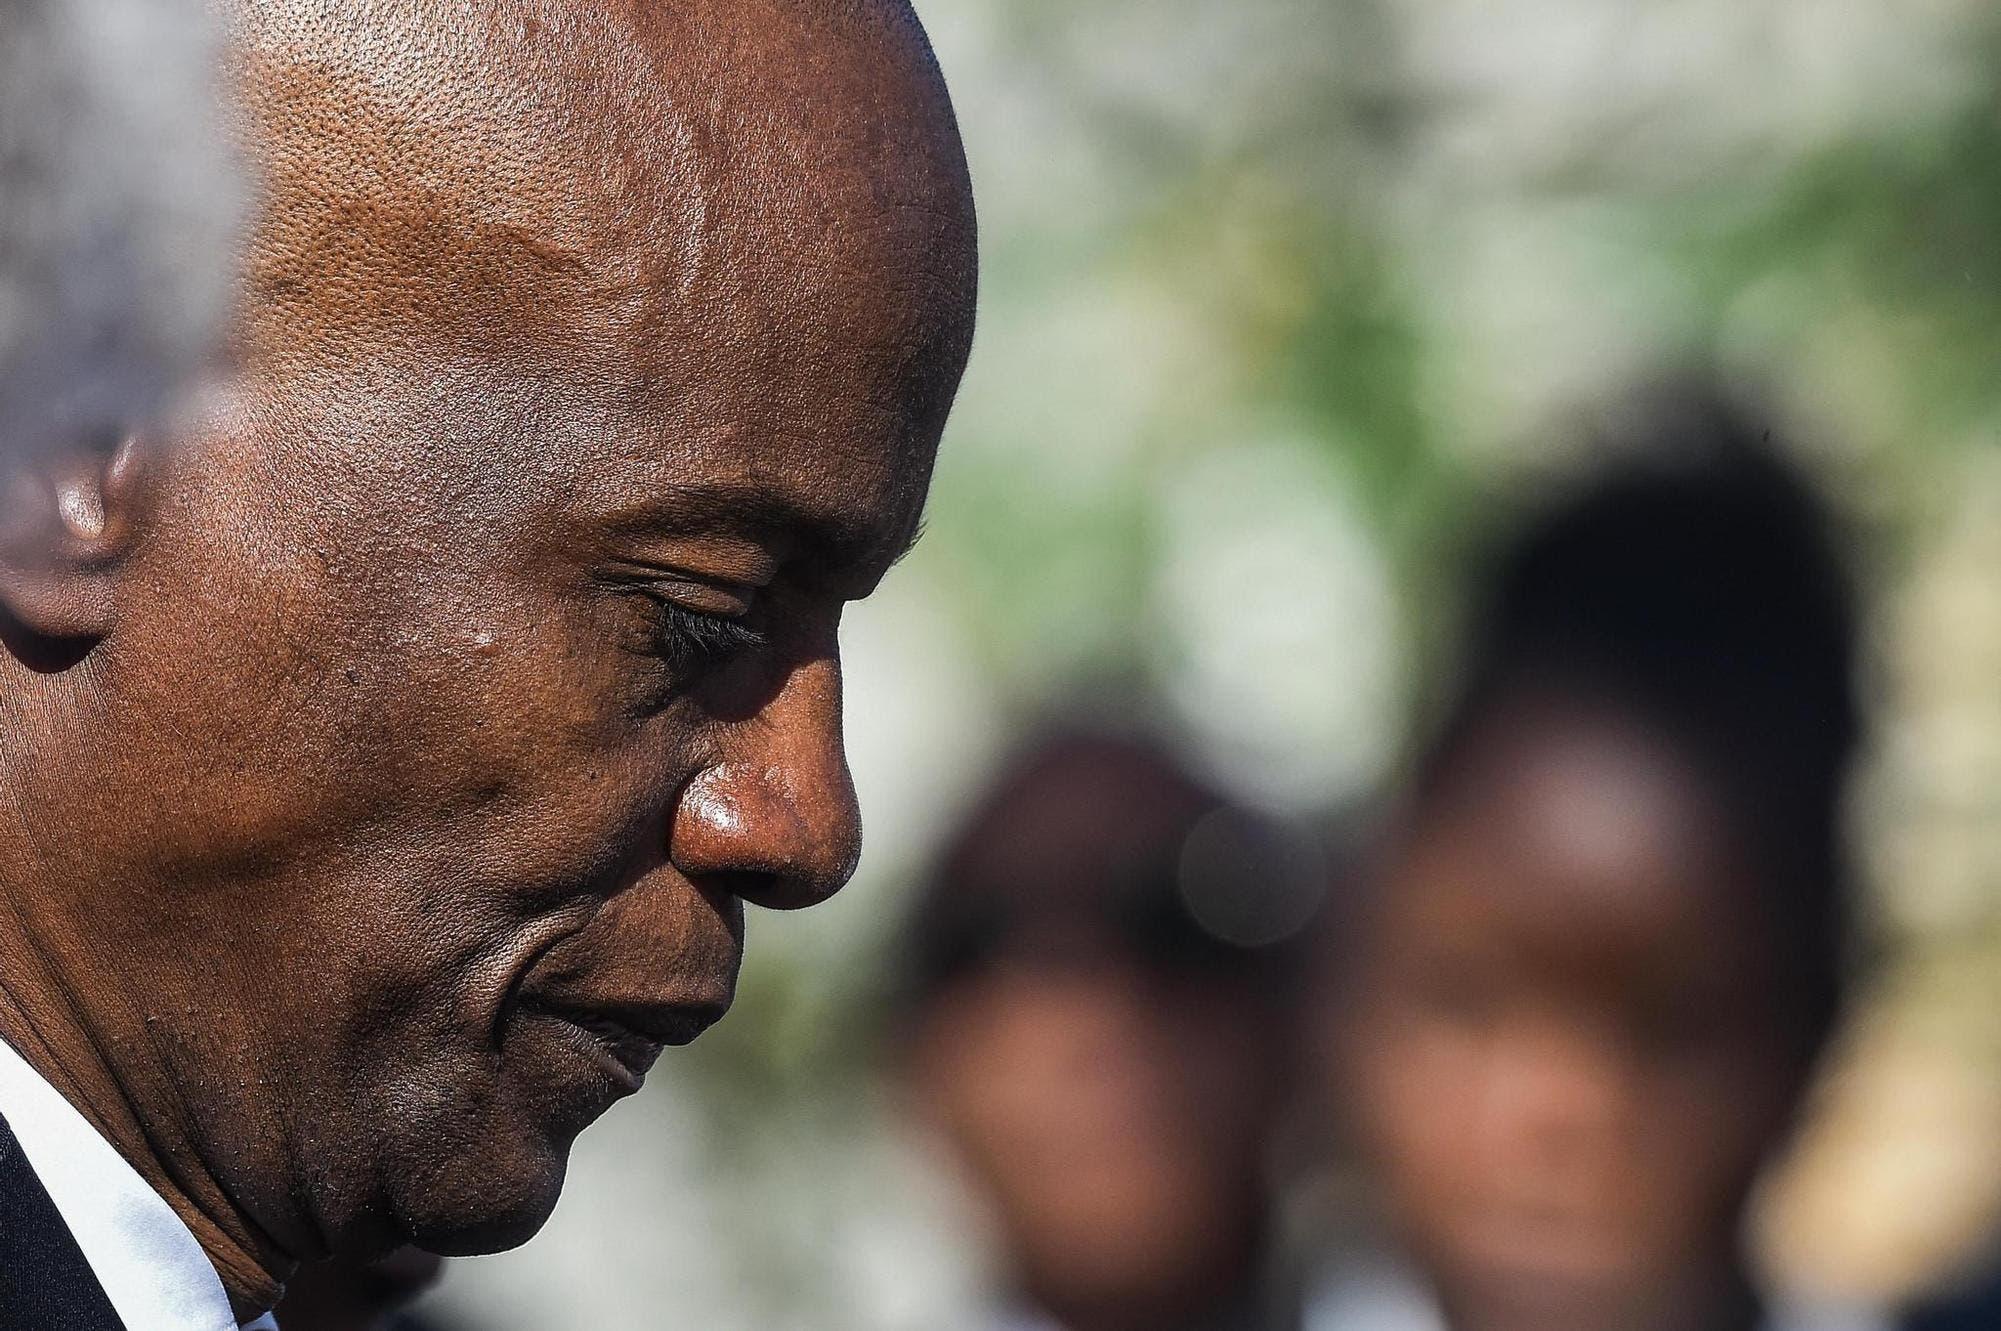 ¿Quién avisó a los mercenarios que el presidente de Haití estaba en su habitación para que llegaran a asesinarlo?